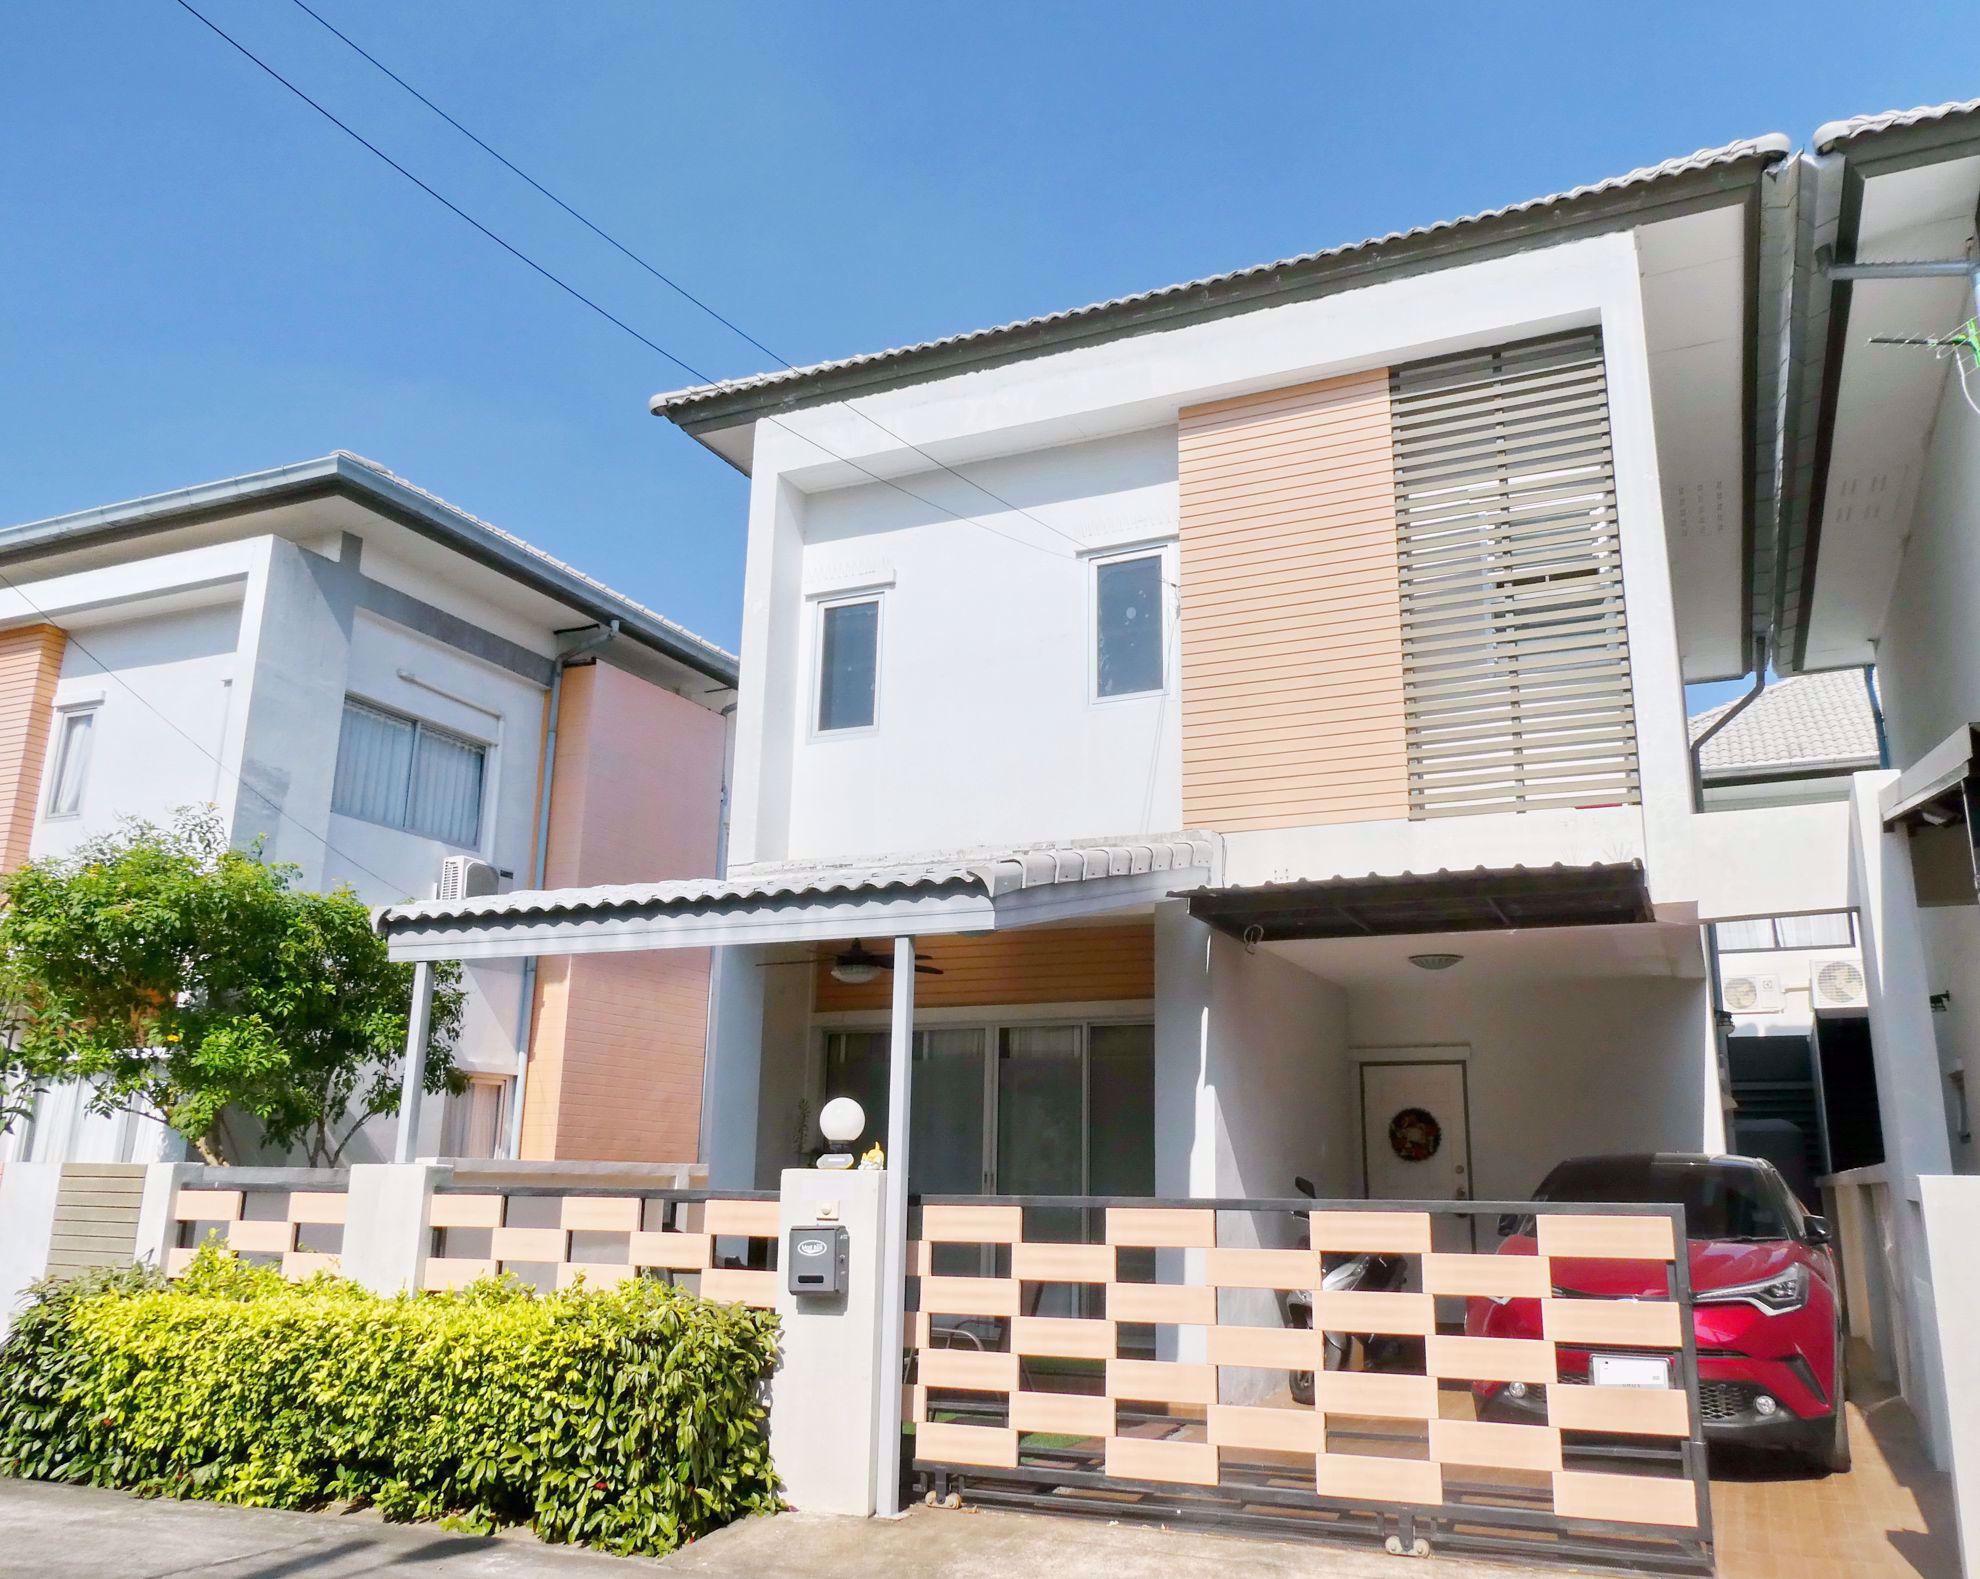 图片 3 Bedrooms bed in House in Patta Village in East Pattaya H008960